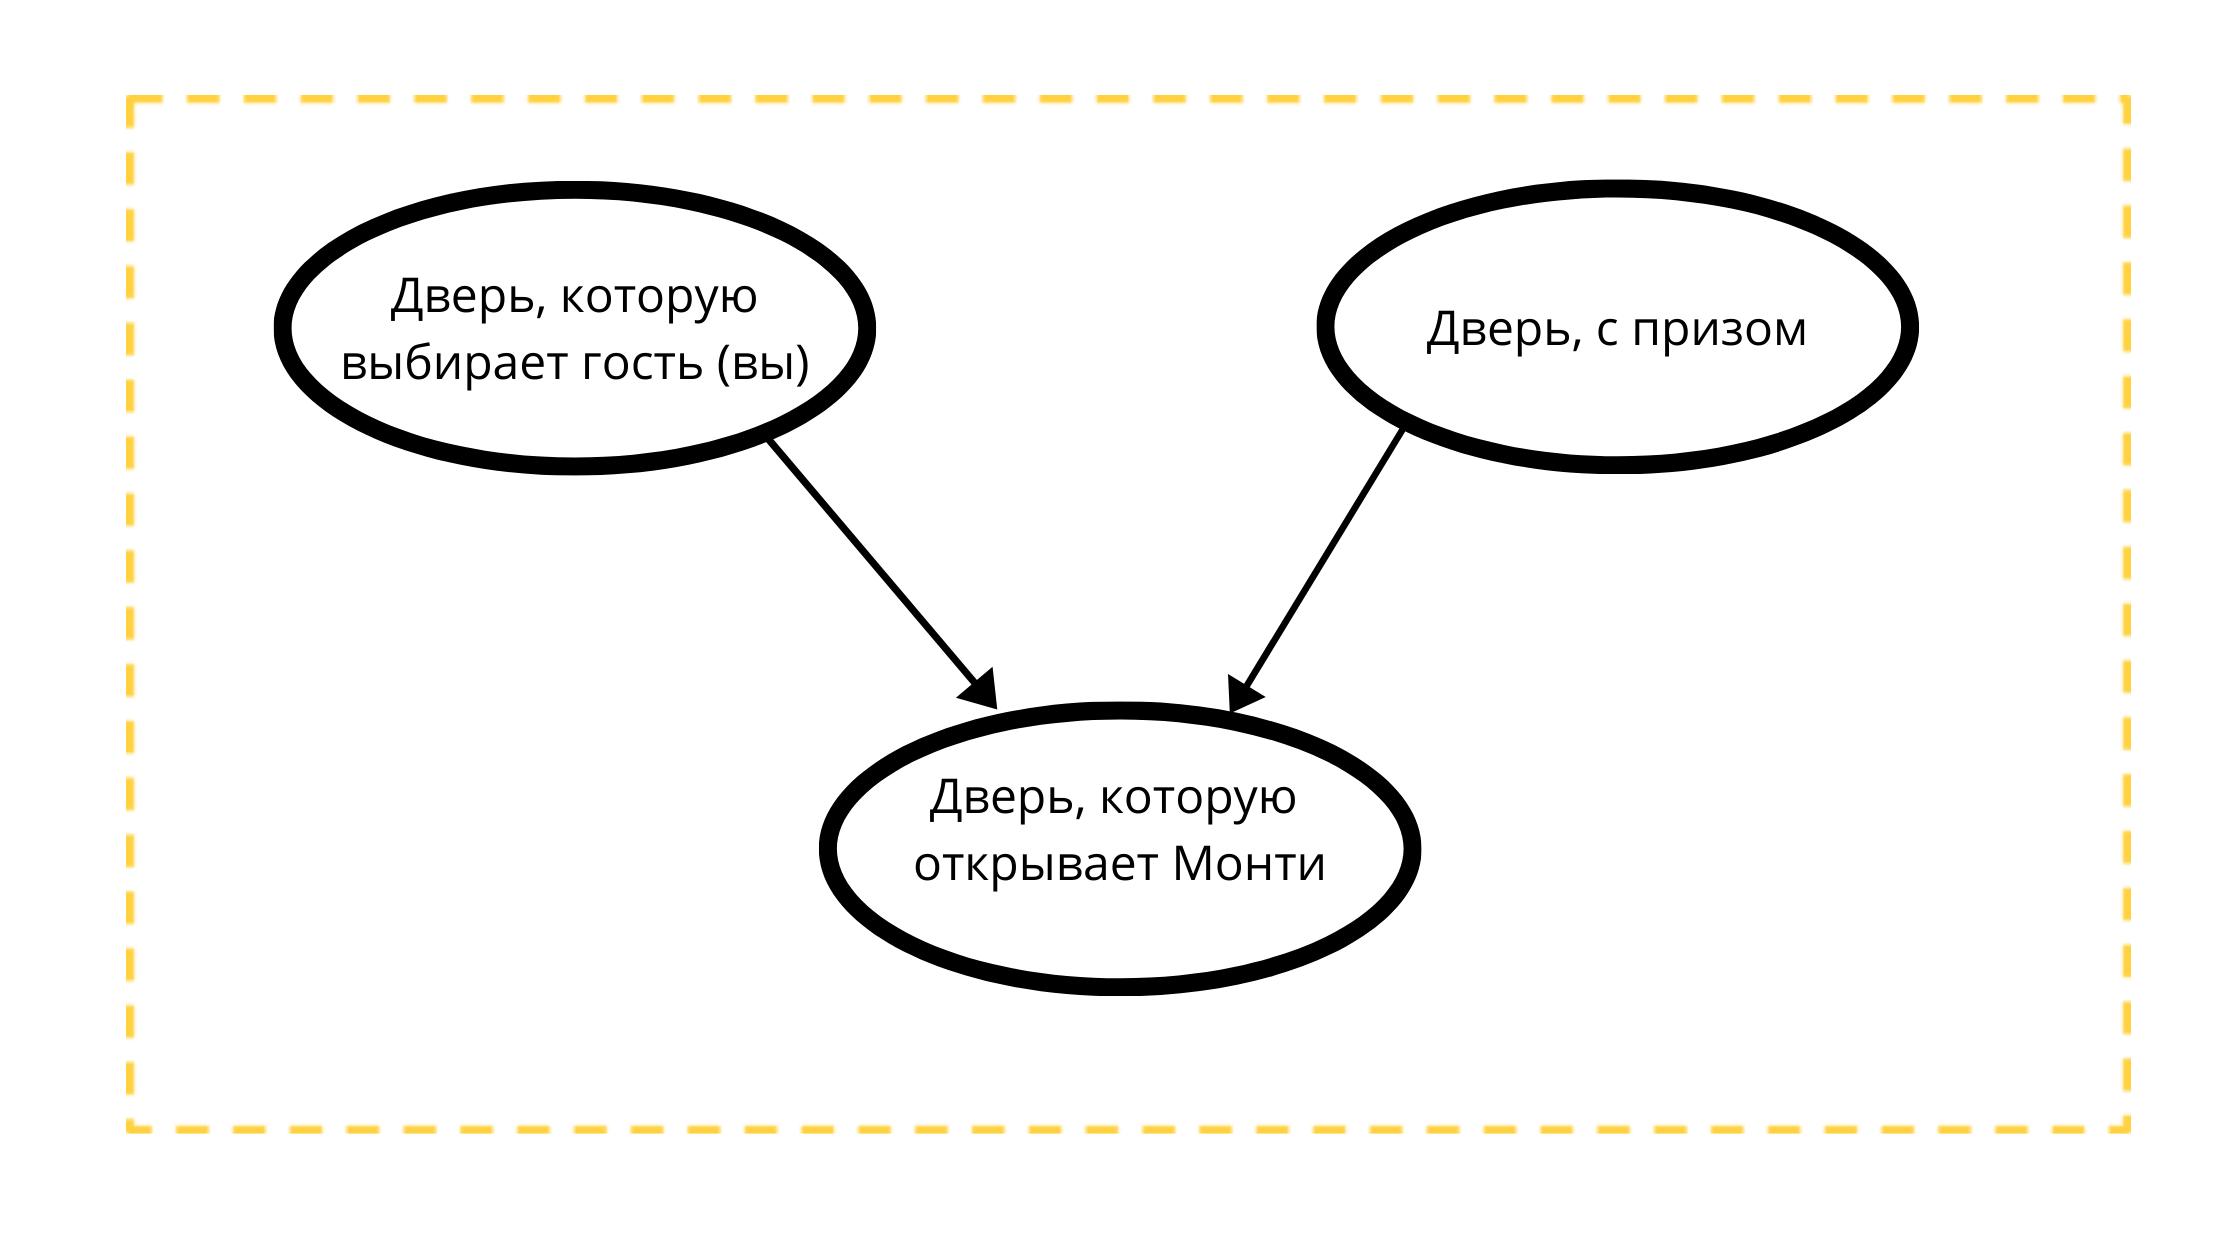 Байесовские сети при помощи Питона — что и зачем? - 4